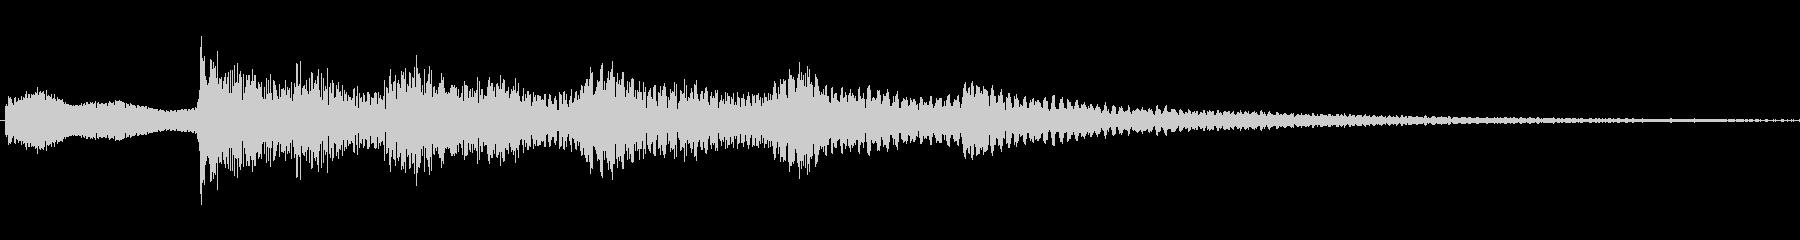 ジングル101cの未再生の波形